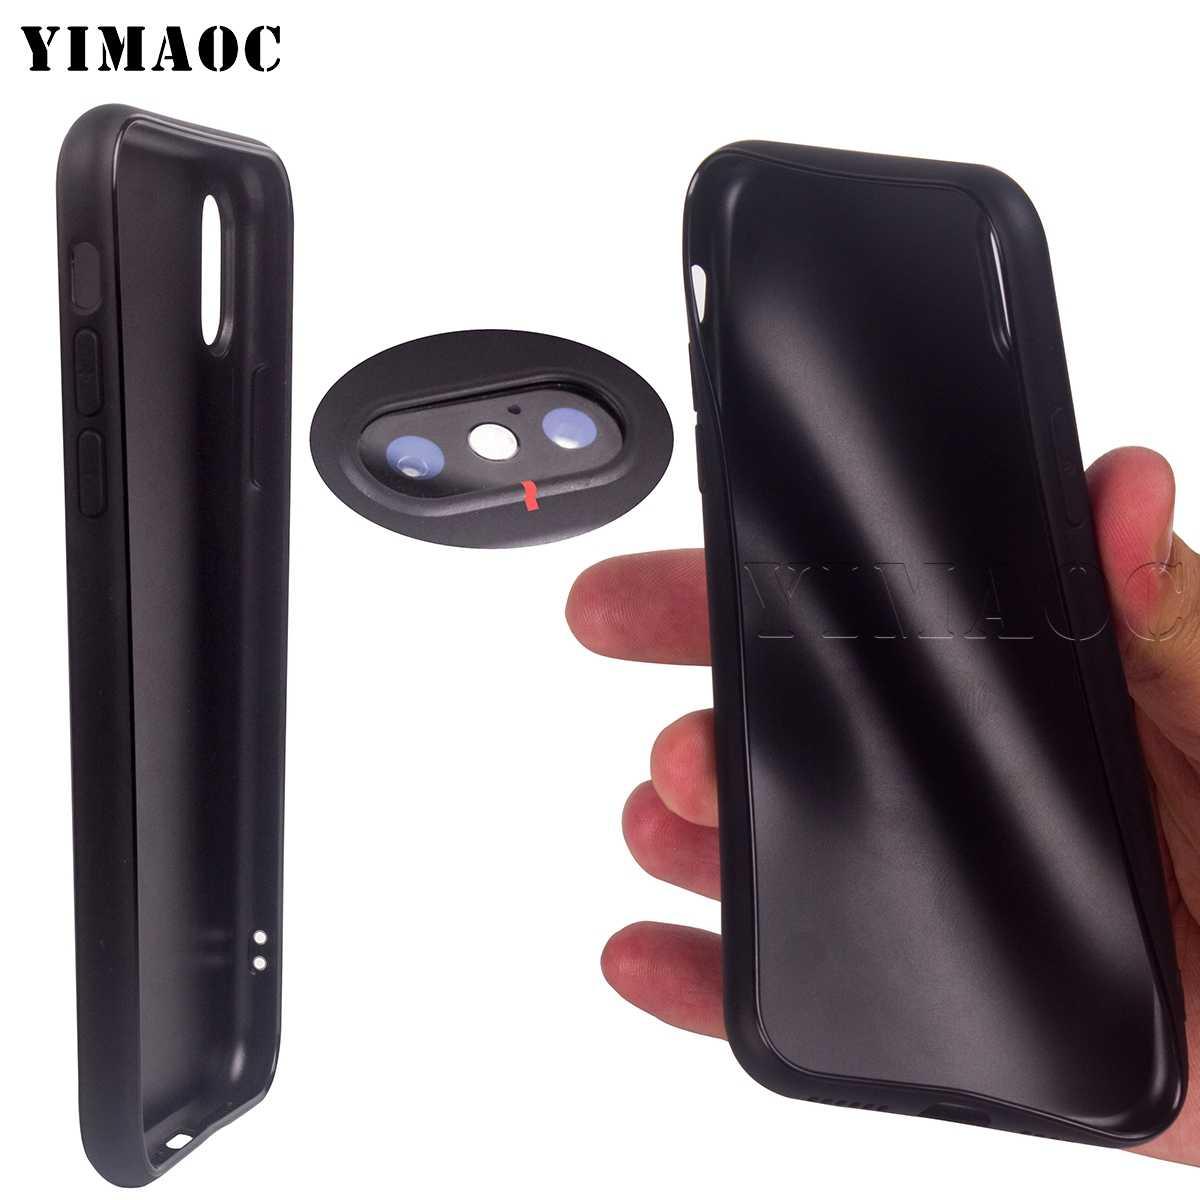 Силиконовый мягкий чехол с флагом армян для iPhone 11 Pro XS Max XR X 8 7 6 6S Plus 5 5S SE